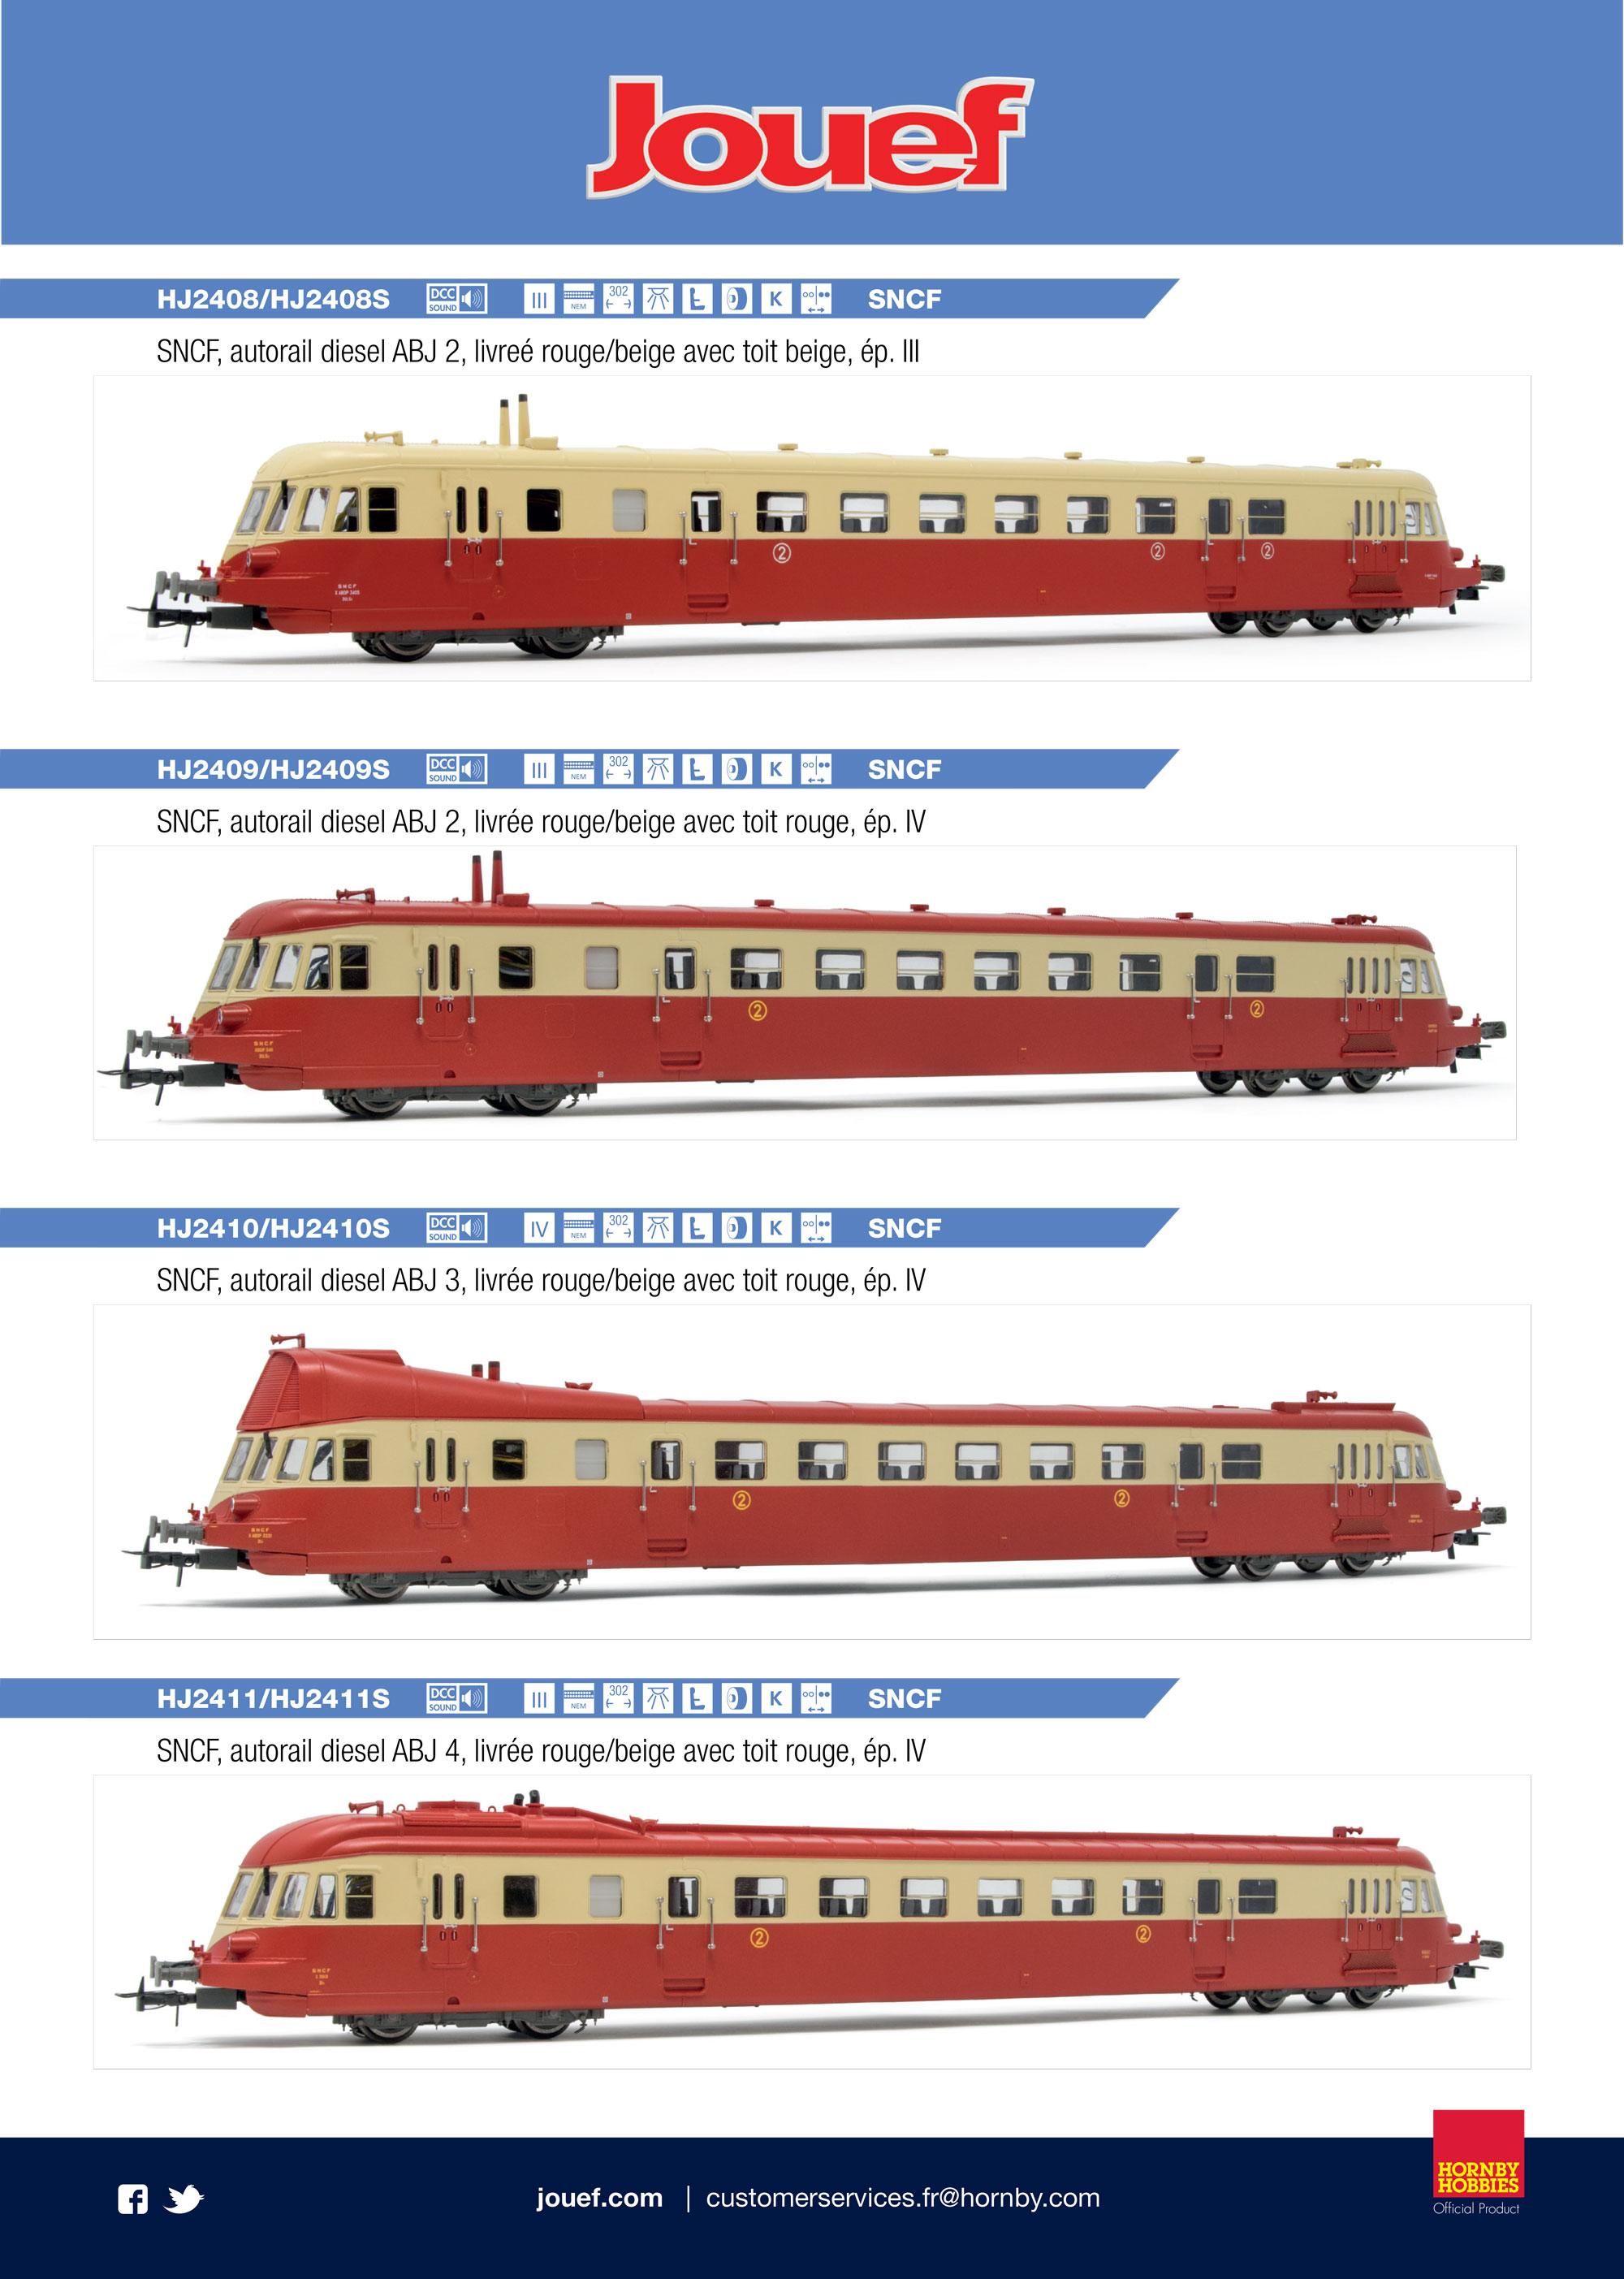 Jouef - Railcars ABJ 2, ABJ 3 & ABJ 4